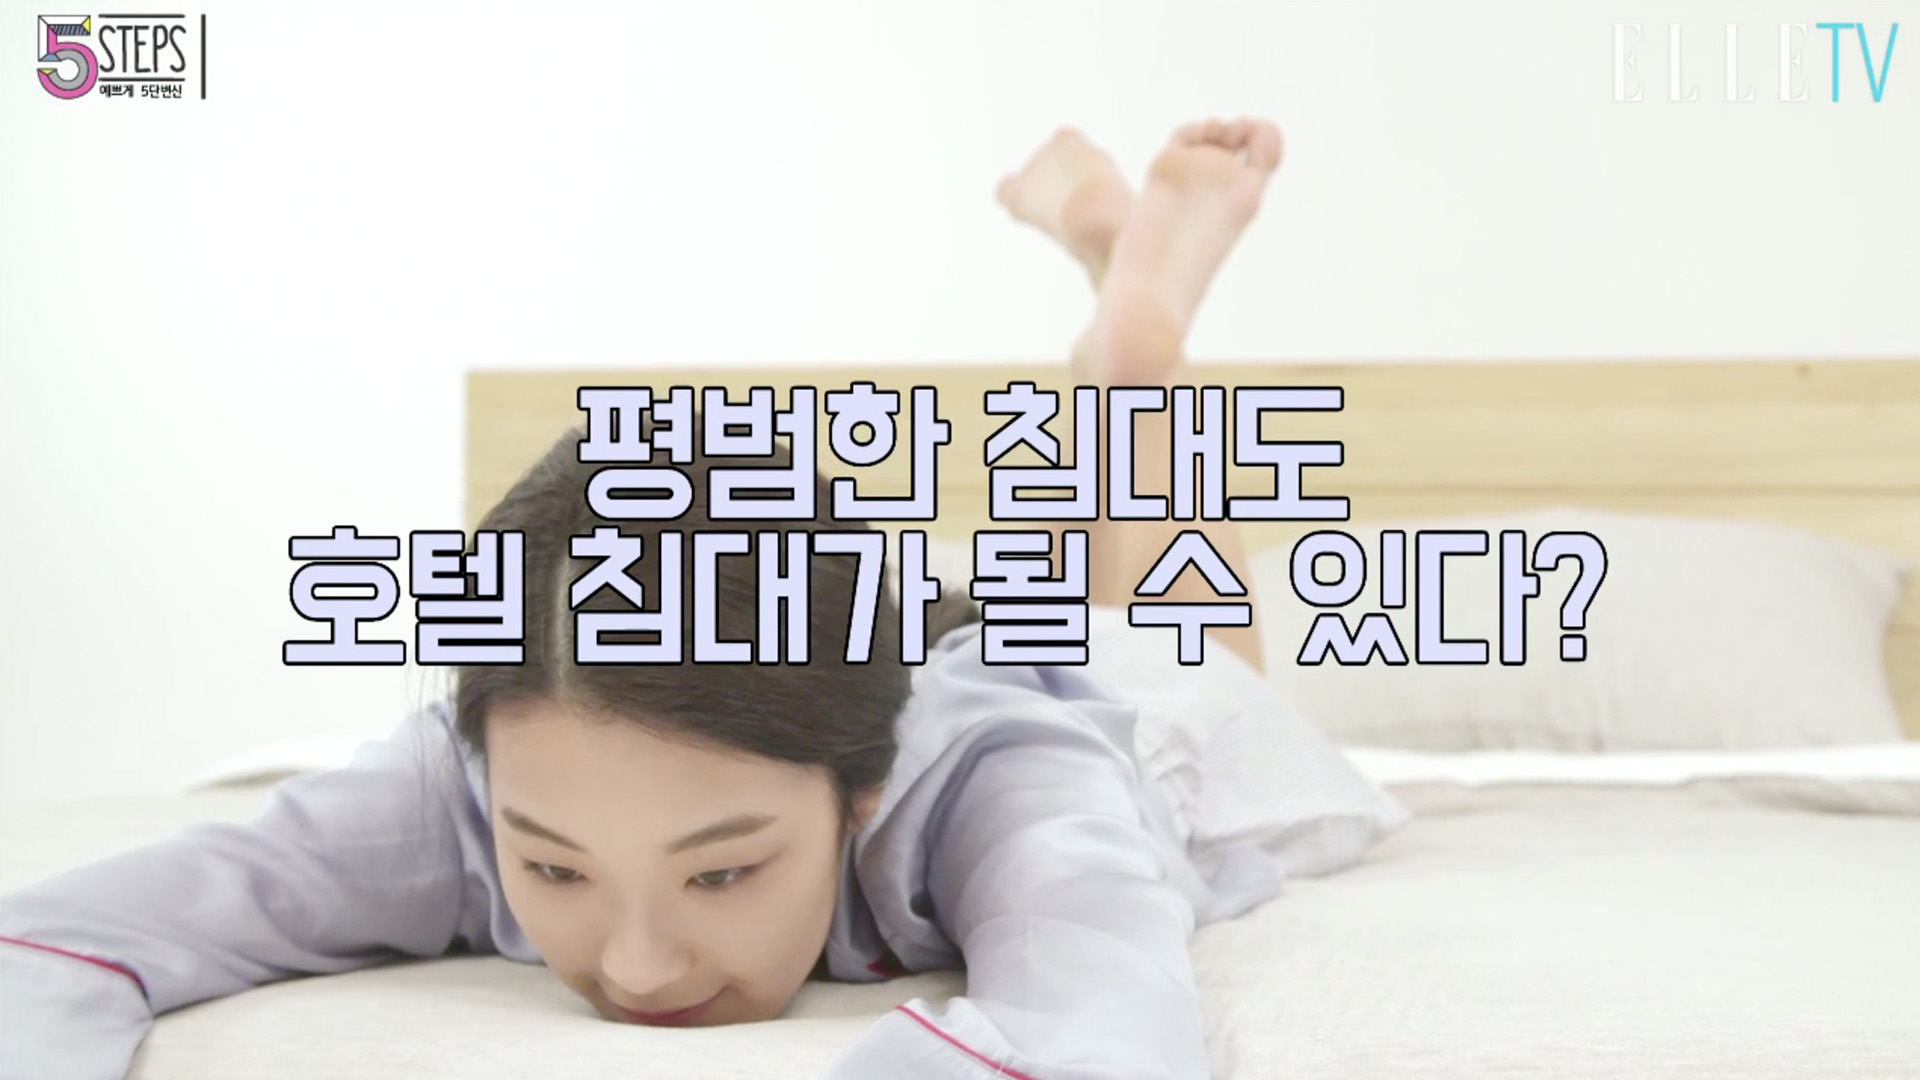 [5 STEPS] 5성급 호텔 안 부러운 침대정리 고퀄 팁!